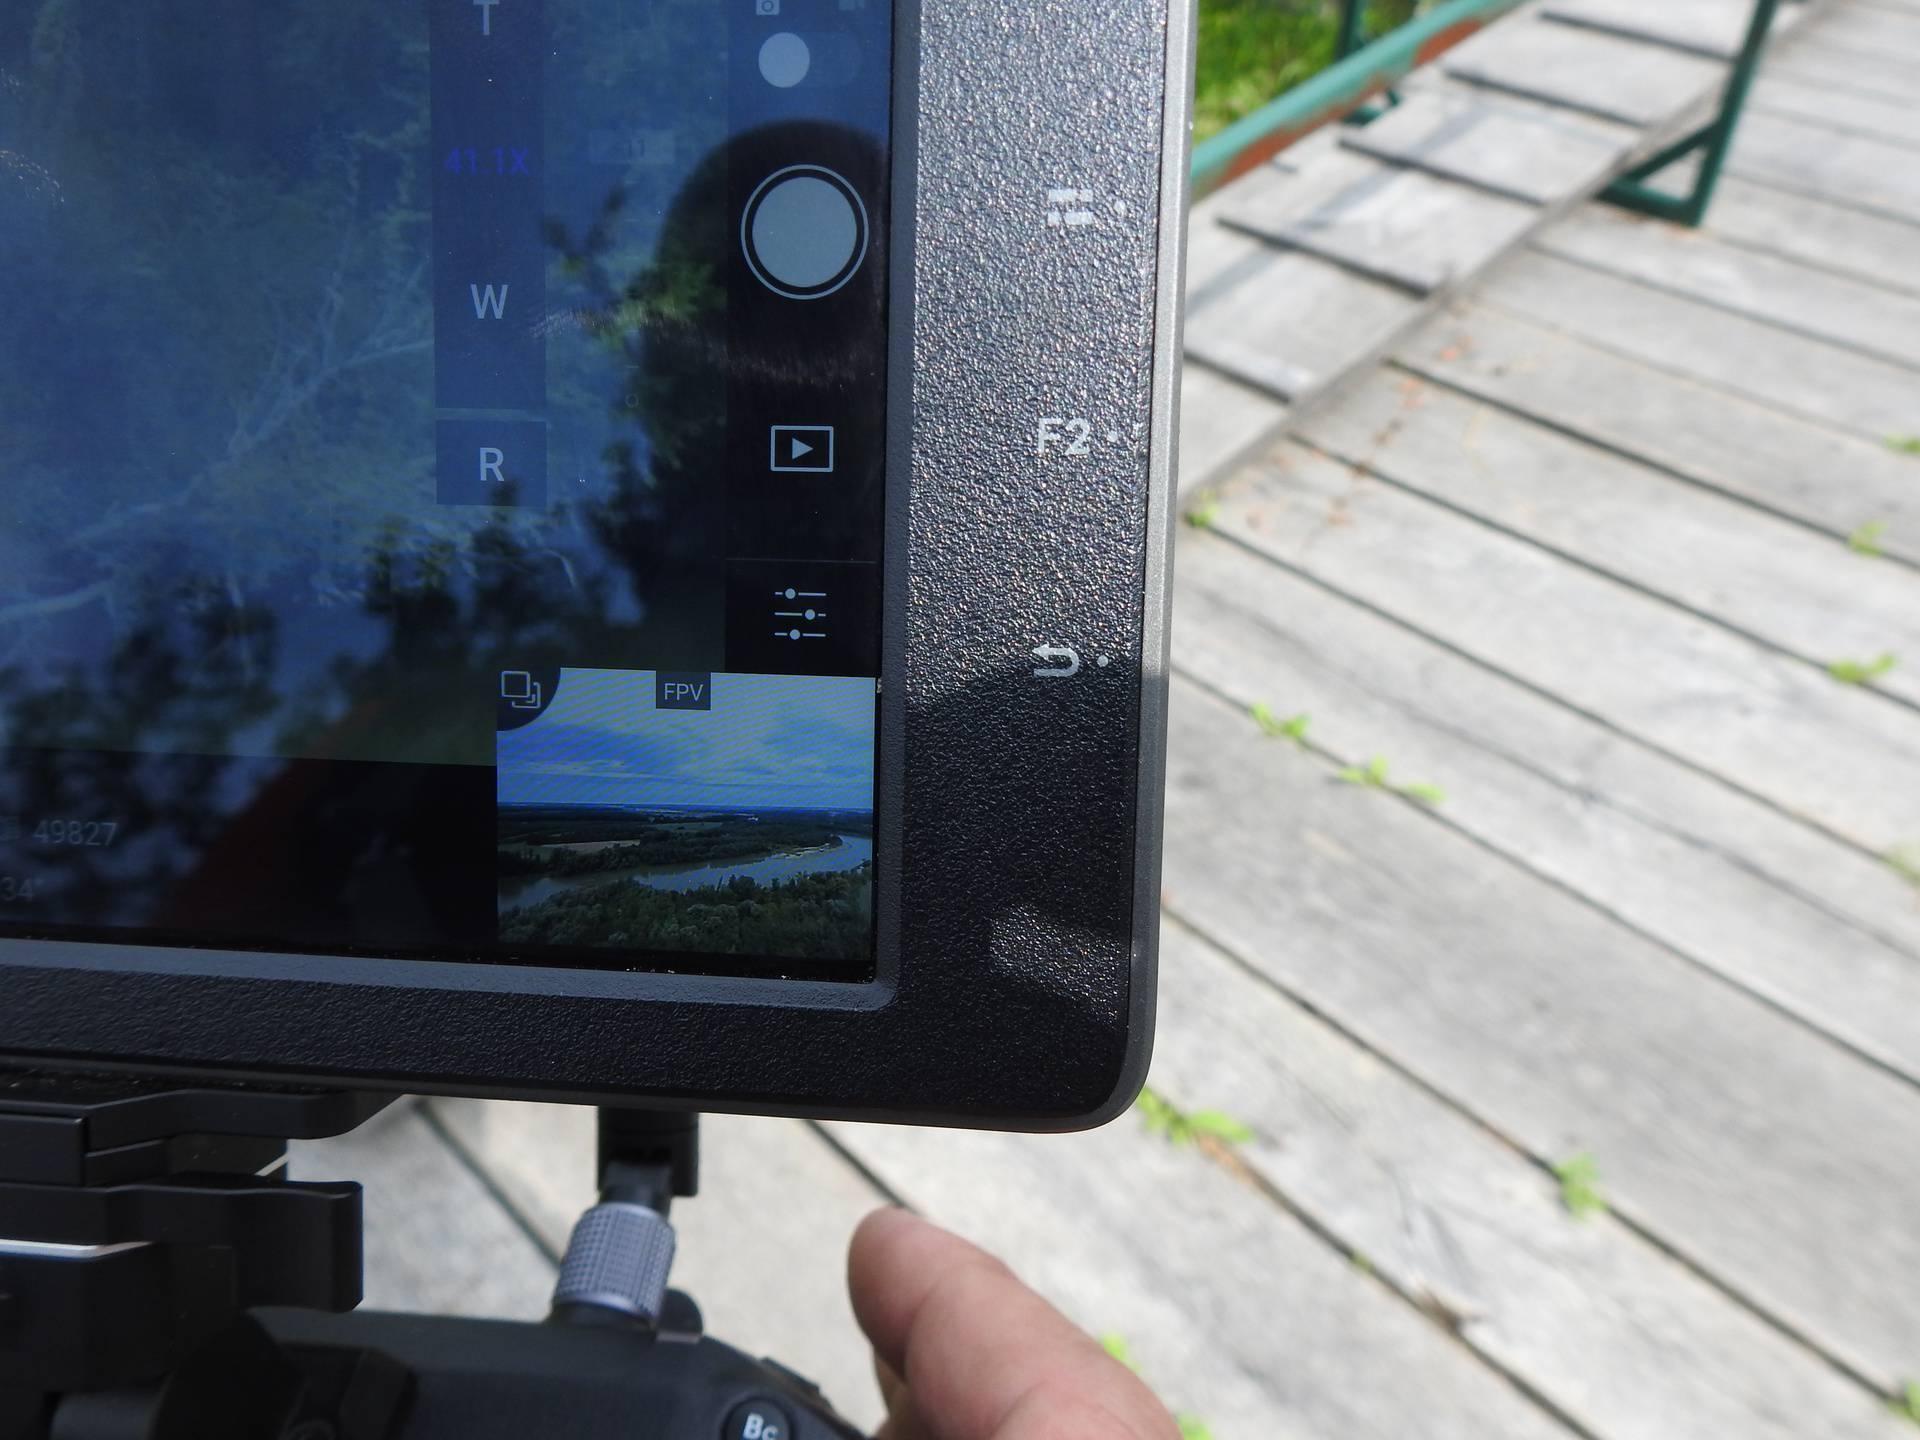 Obitelj ne gubi nadu: Muškarca nestalog u Dravi traže i dronom